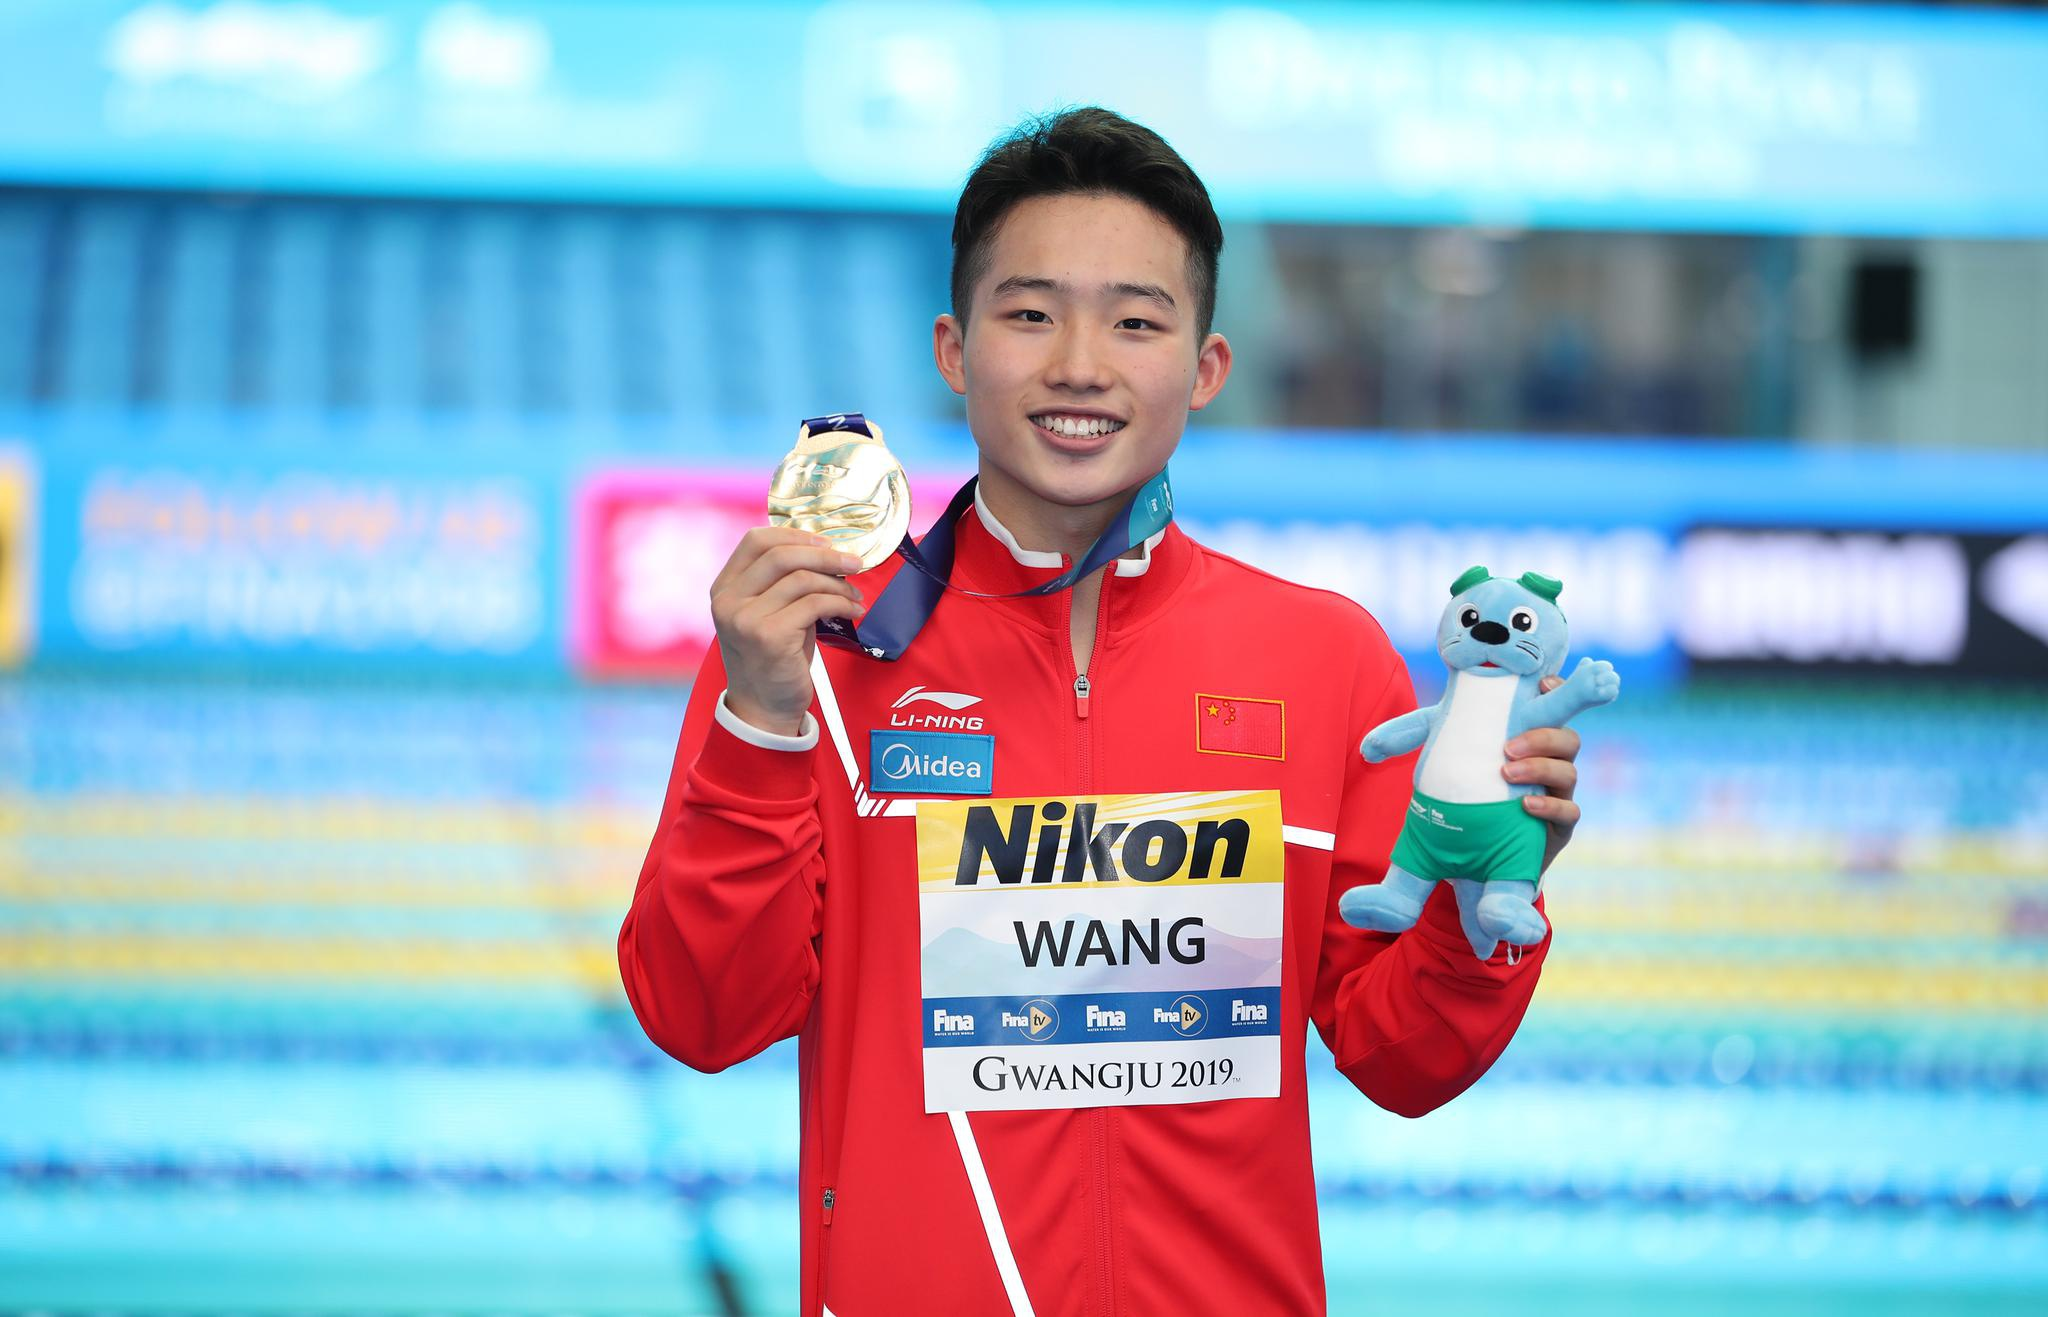 再夺男单三米板冠军 王宗源奥运竞争占得先机